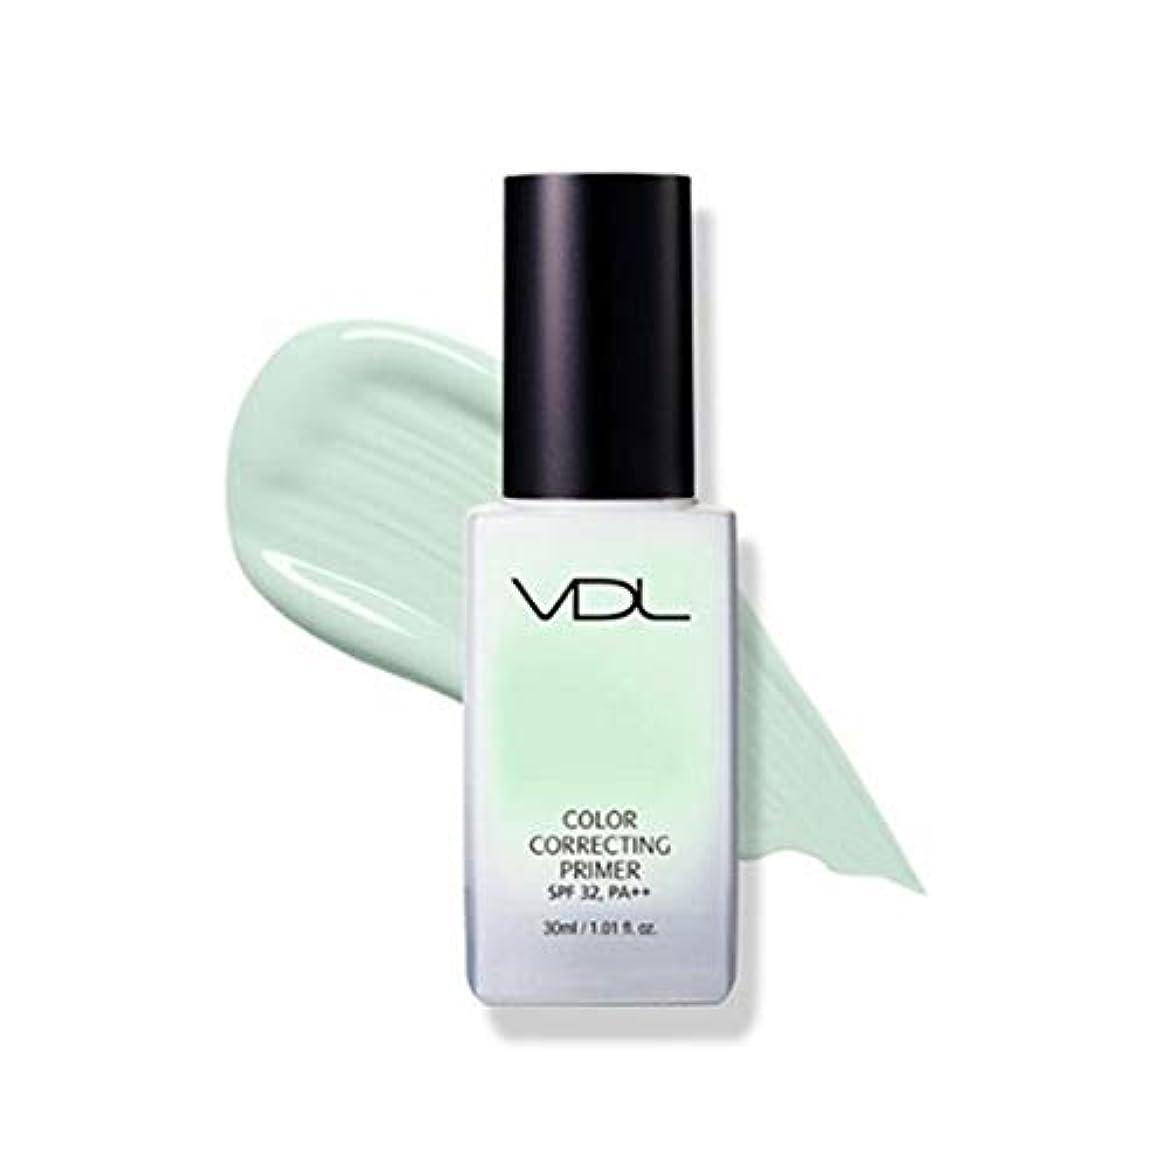 エッセイすみません発火するVDLカラーコレクティンプライマー30ml 3カラーメイクアップベース、VDL Color Correcting Primer 30ml 3-Colors Make-up Base [並行輸入品] (Mint)